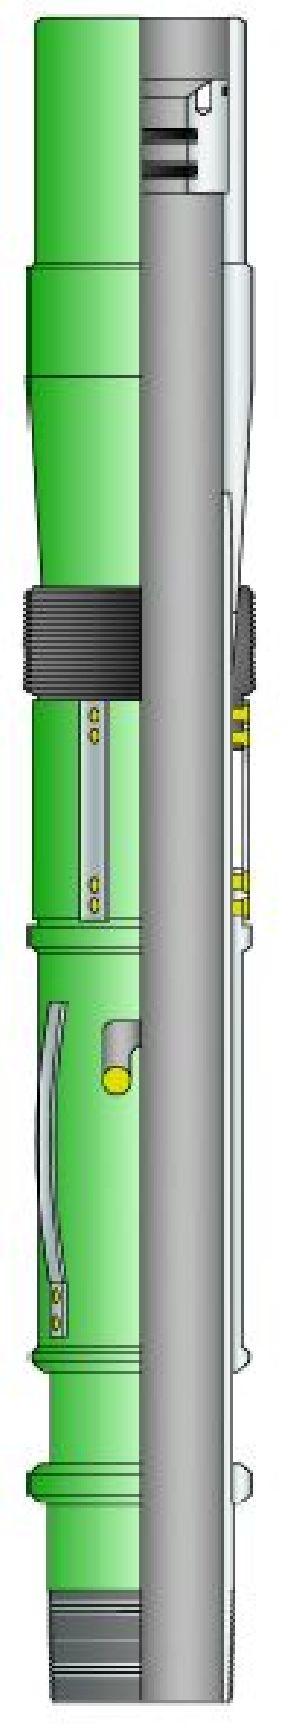 WC-MLH-1 Mechanical Liner Hanger